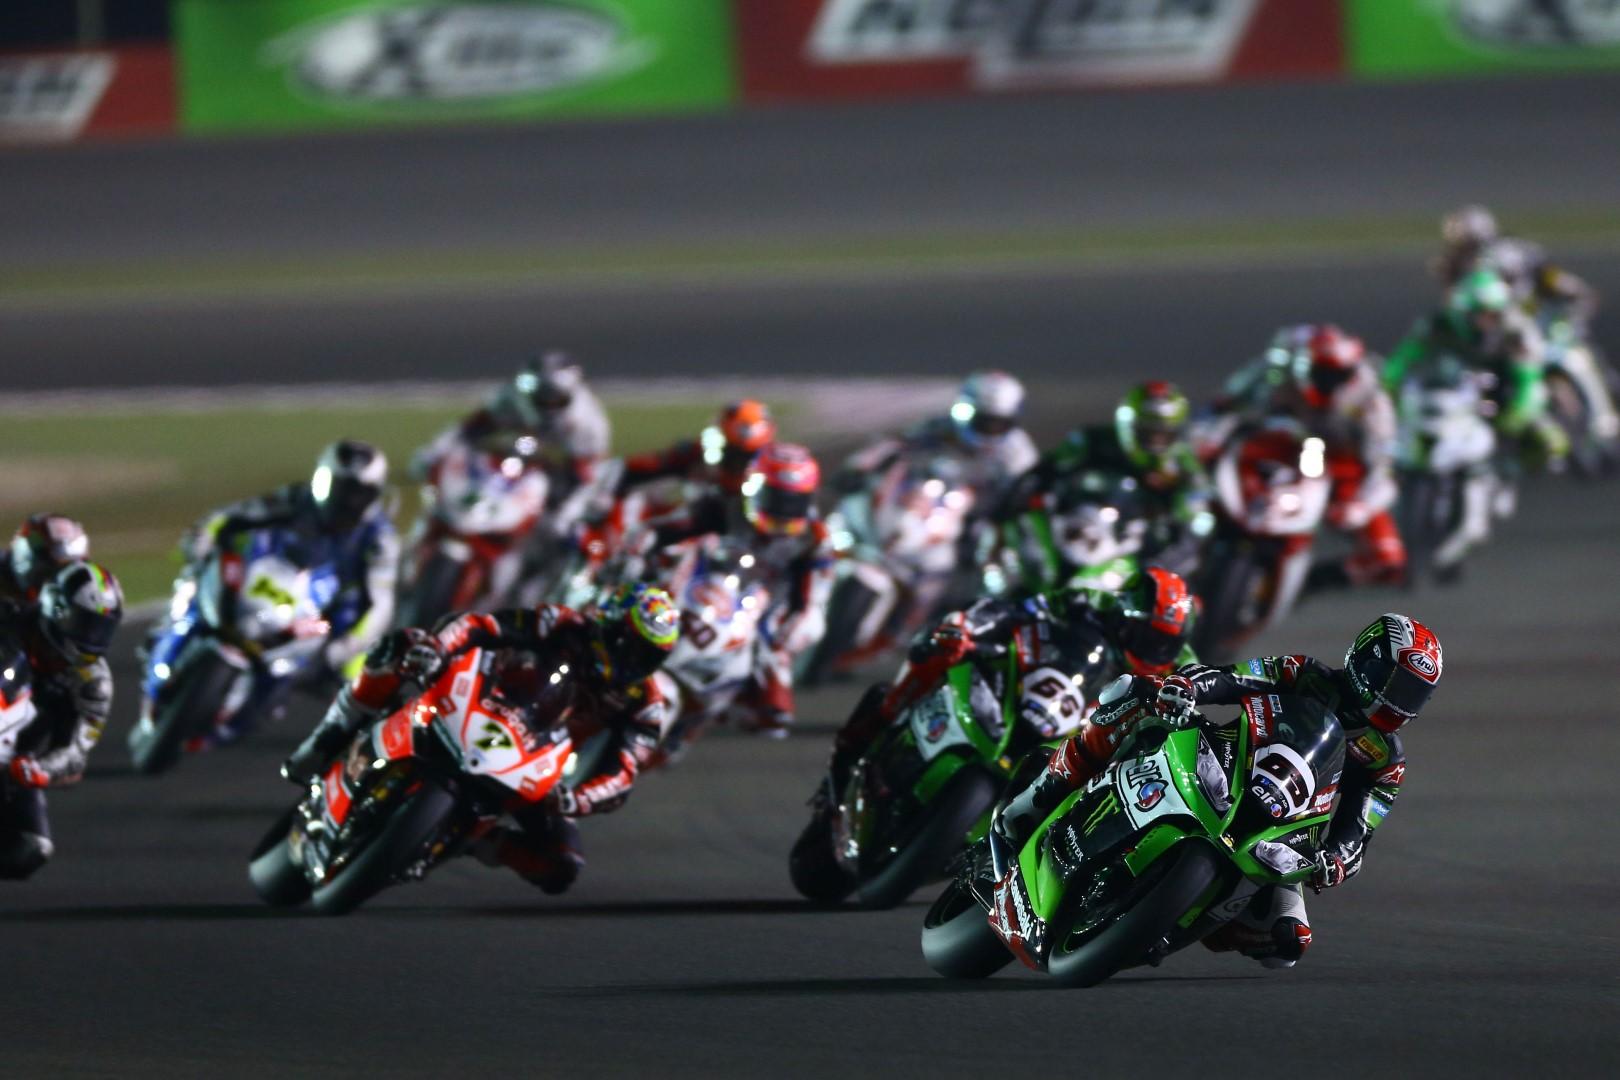 Horarios y retransmisiones del Mundial de Superbike en Qatar